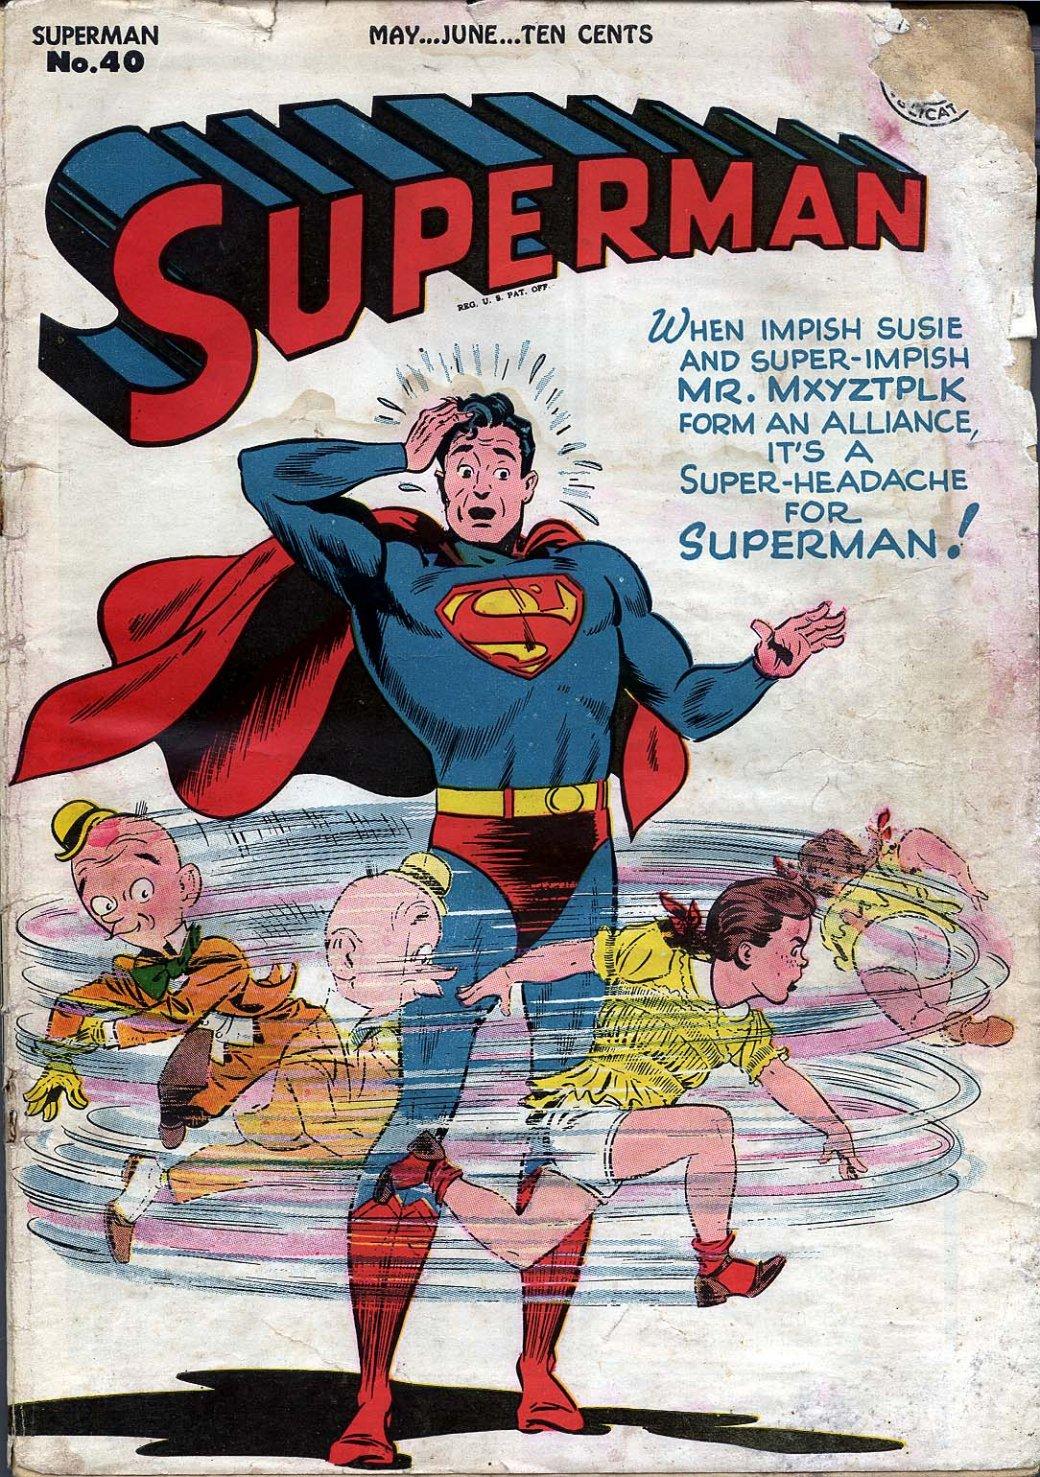 История Супермена иэволюция его образа вкомиксах | Канобу - Изображение 11